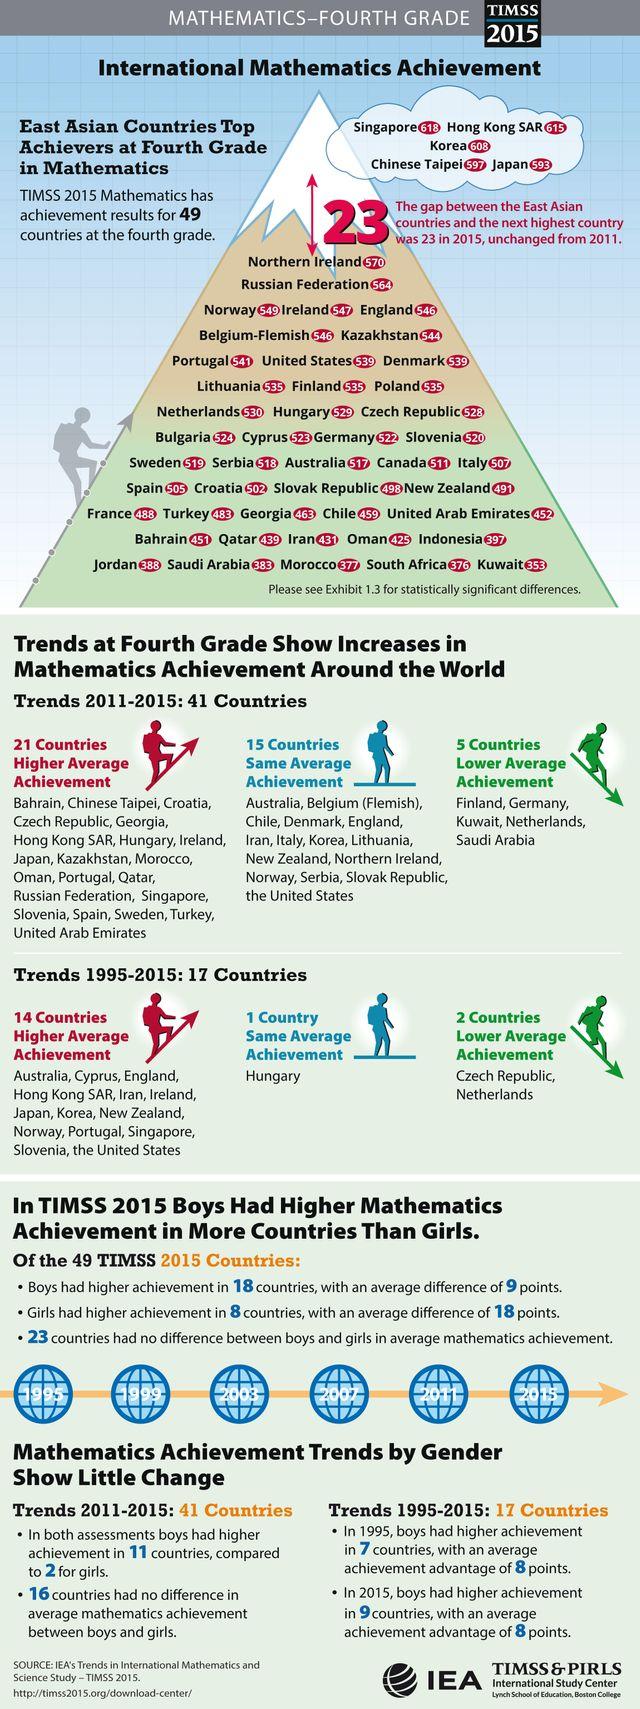 Les résultats de l'étude de l'Association internationale pour l'évaluation de la réussite éducative